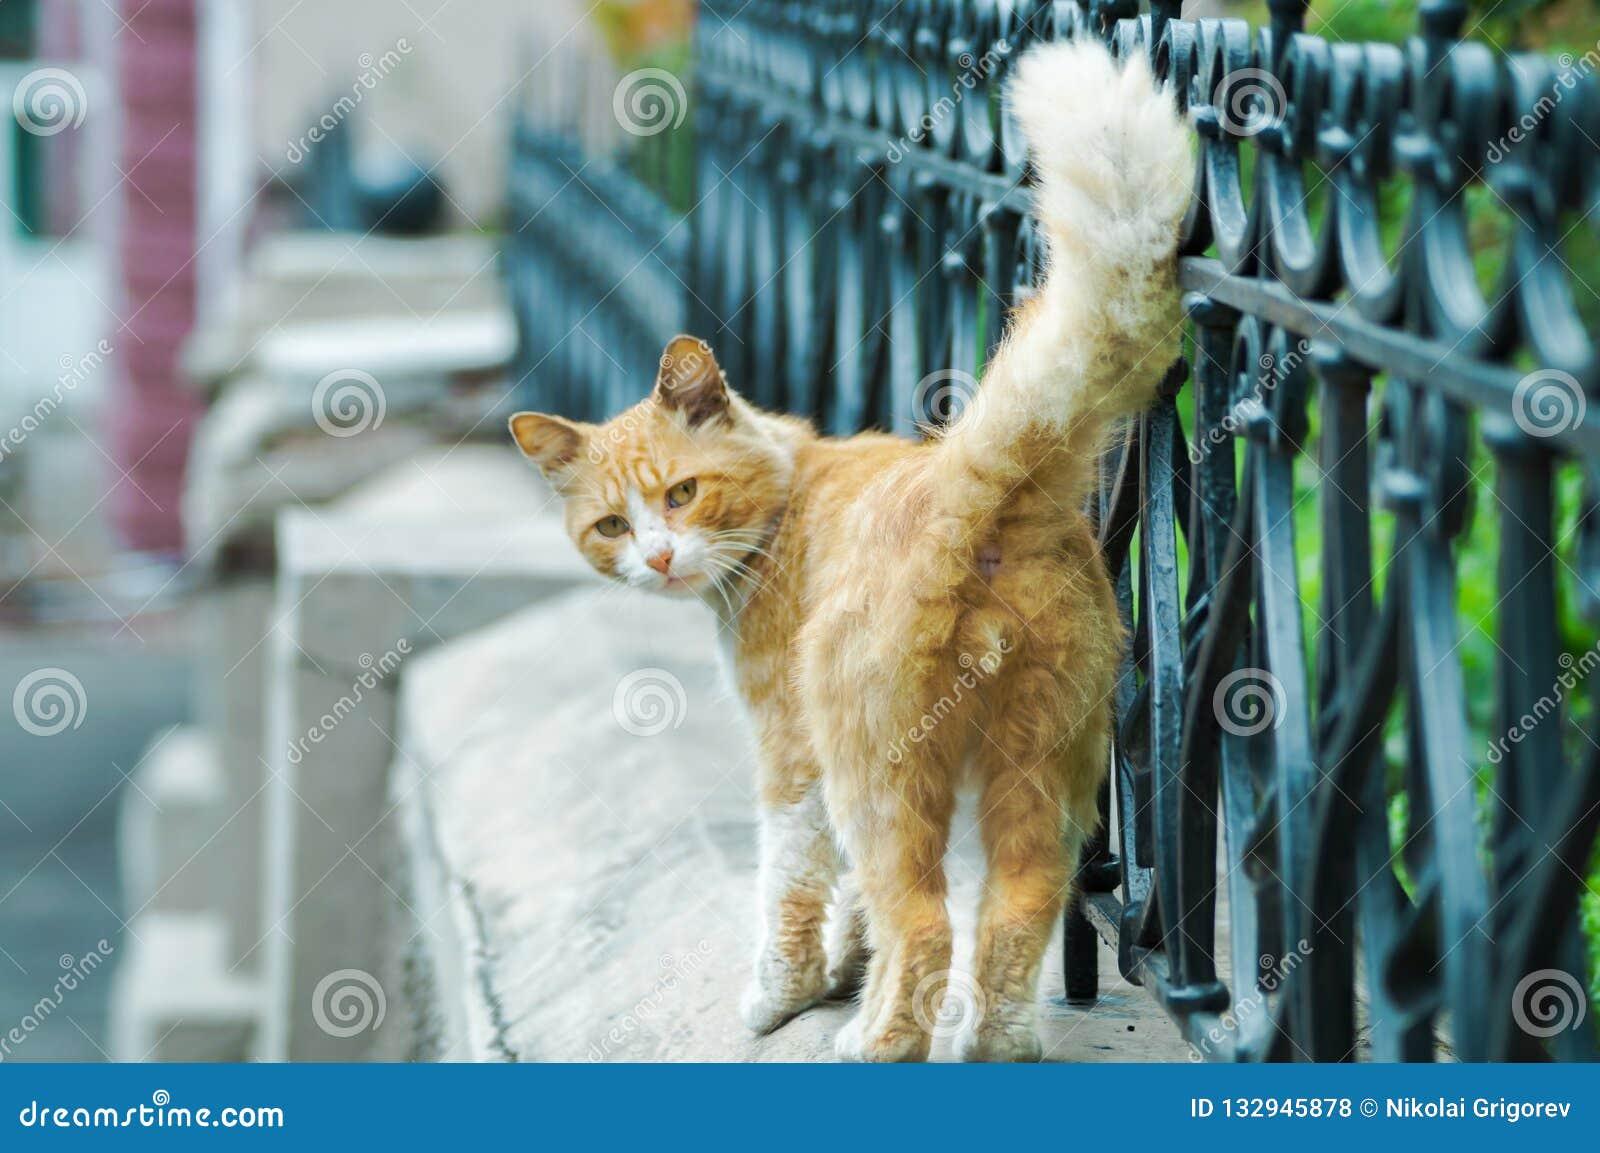 Дикий кот идя вниз по улице смотрит в камере